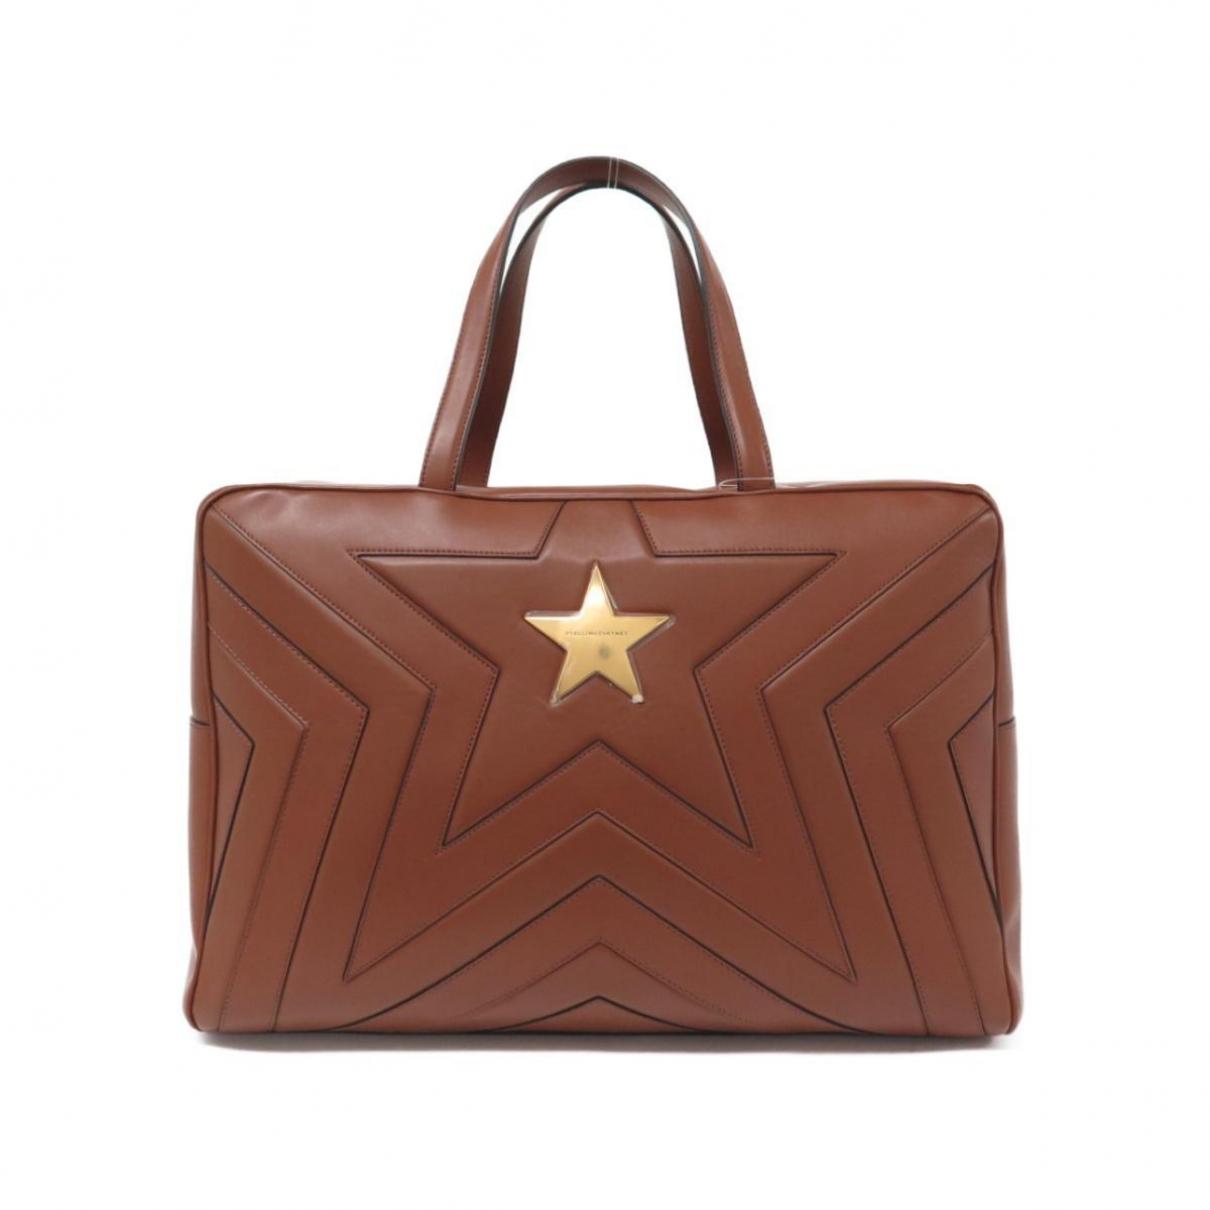 Stella Mccartney Stella Star Handtasche in  Braun Leinen